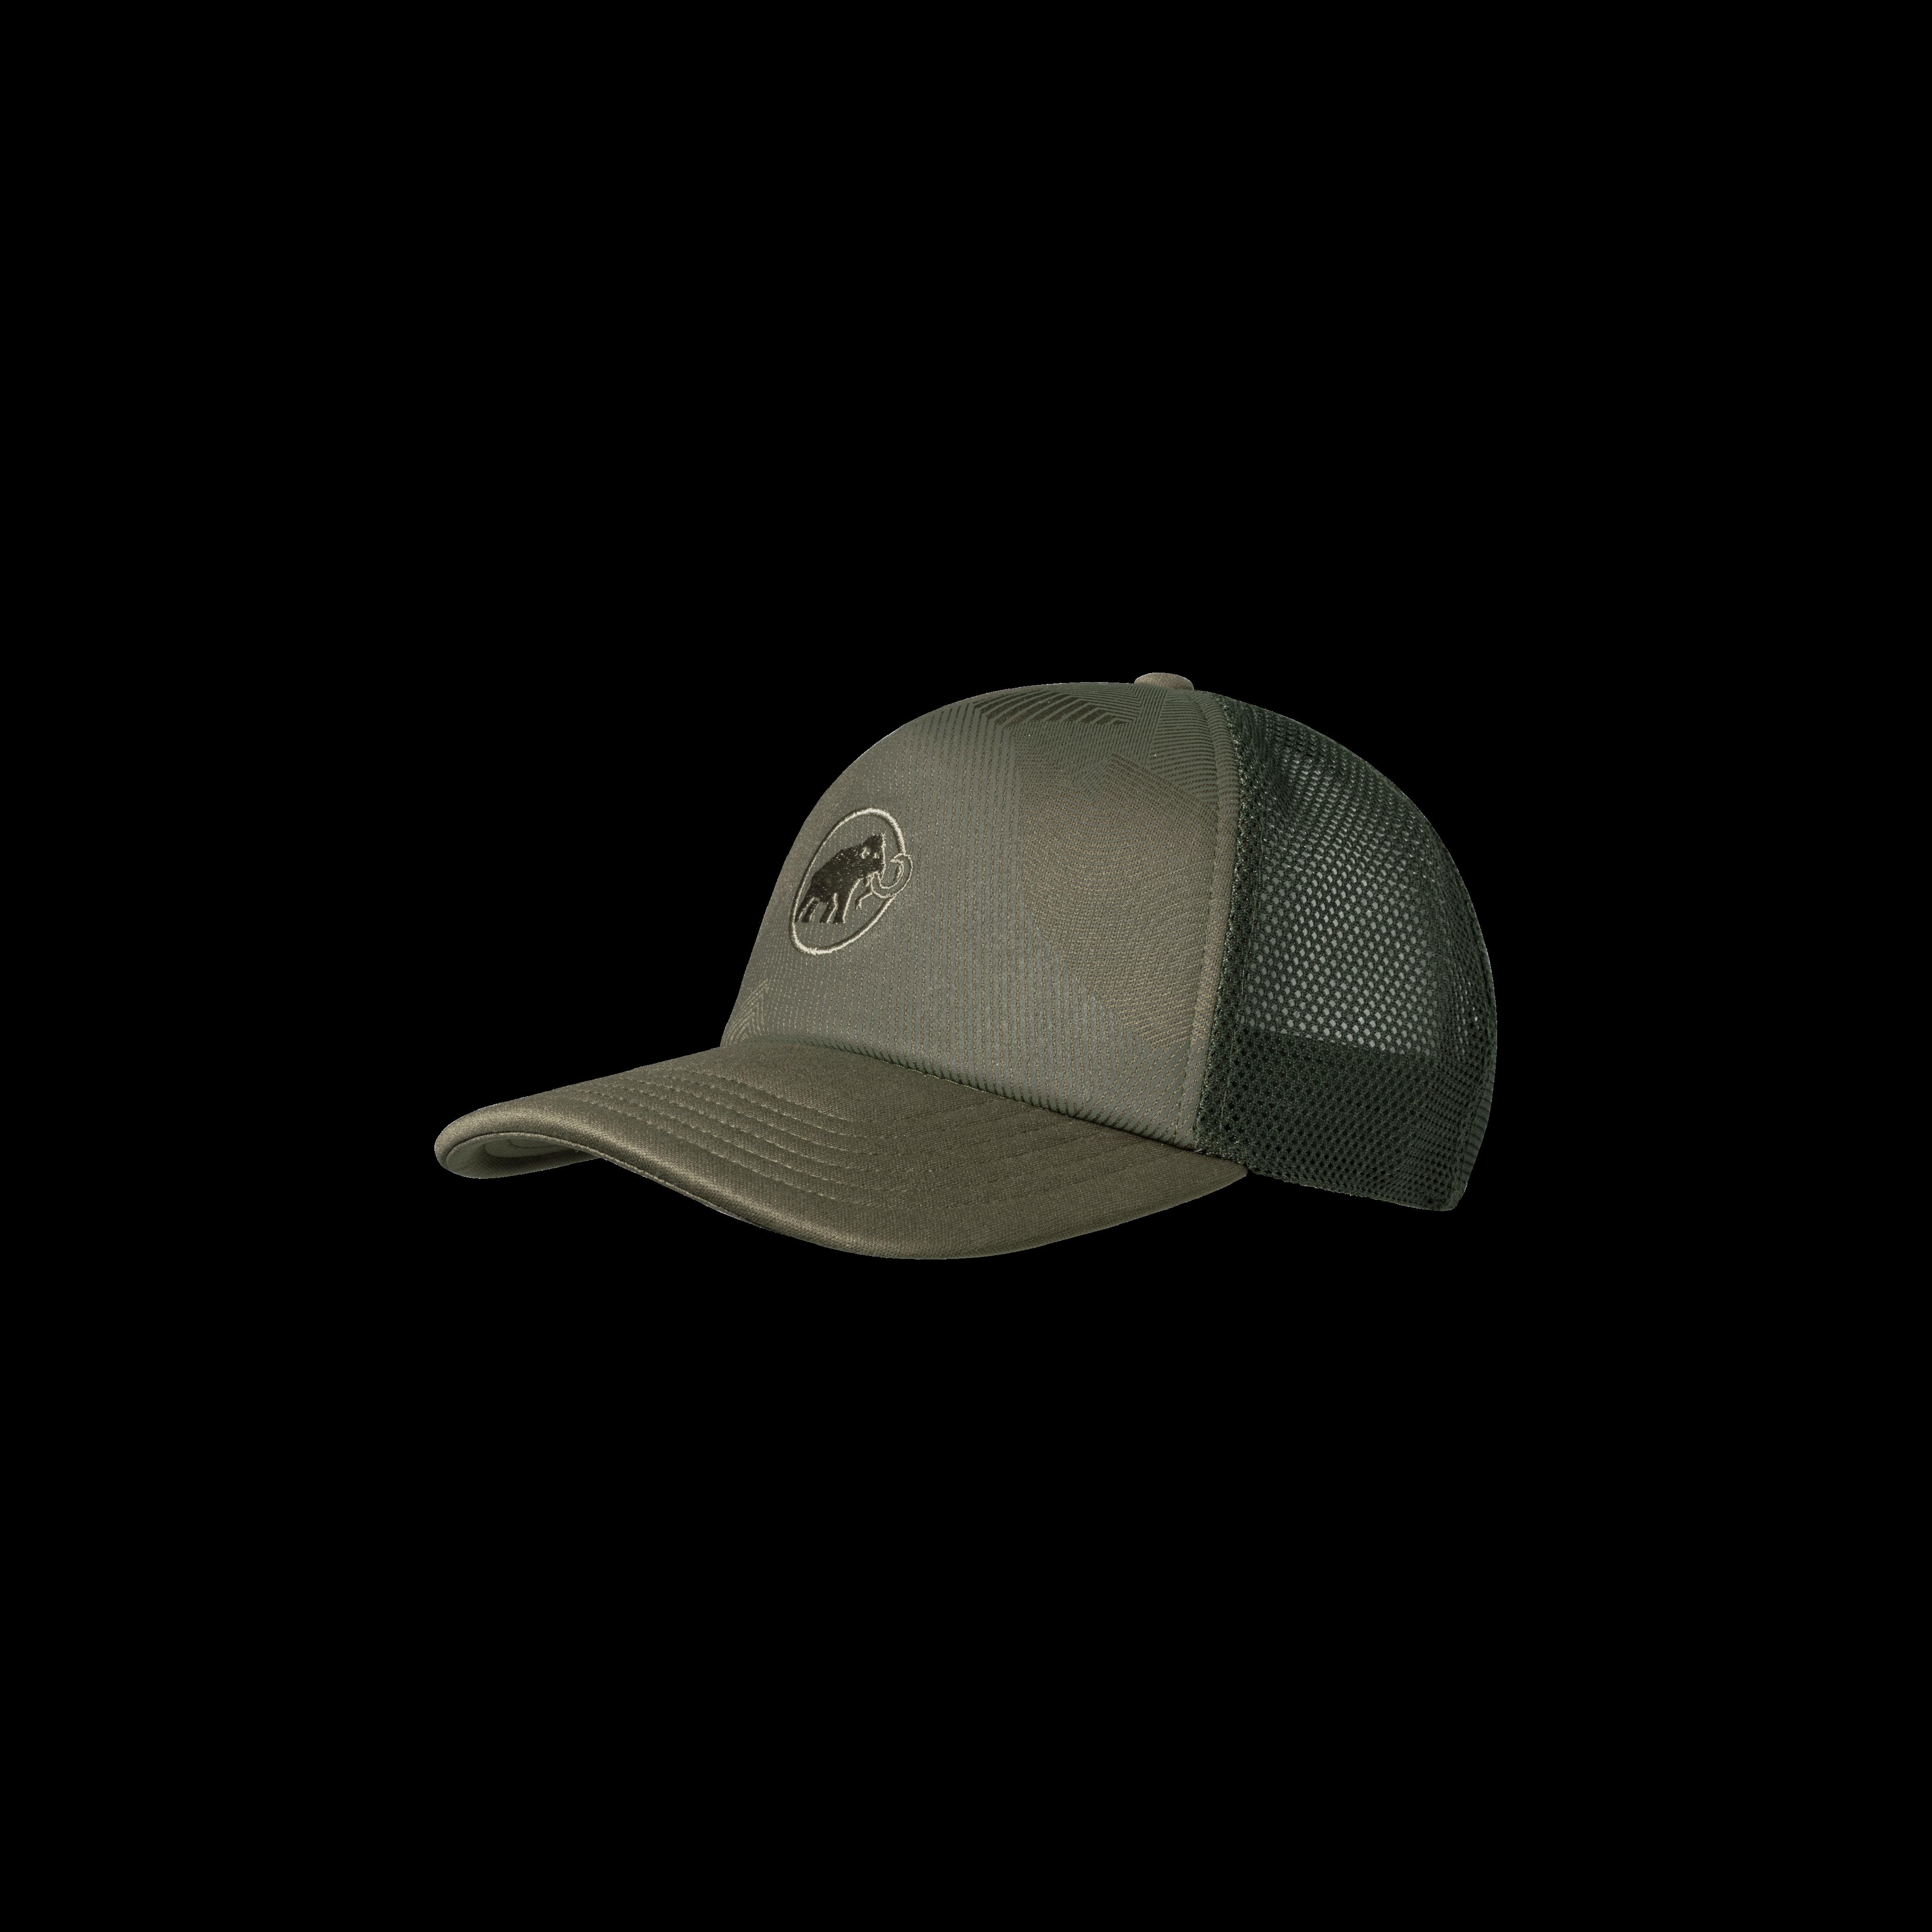 Crag Cap - iguana-tin, S-M thumbnail